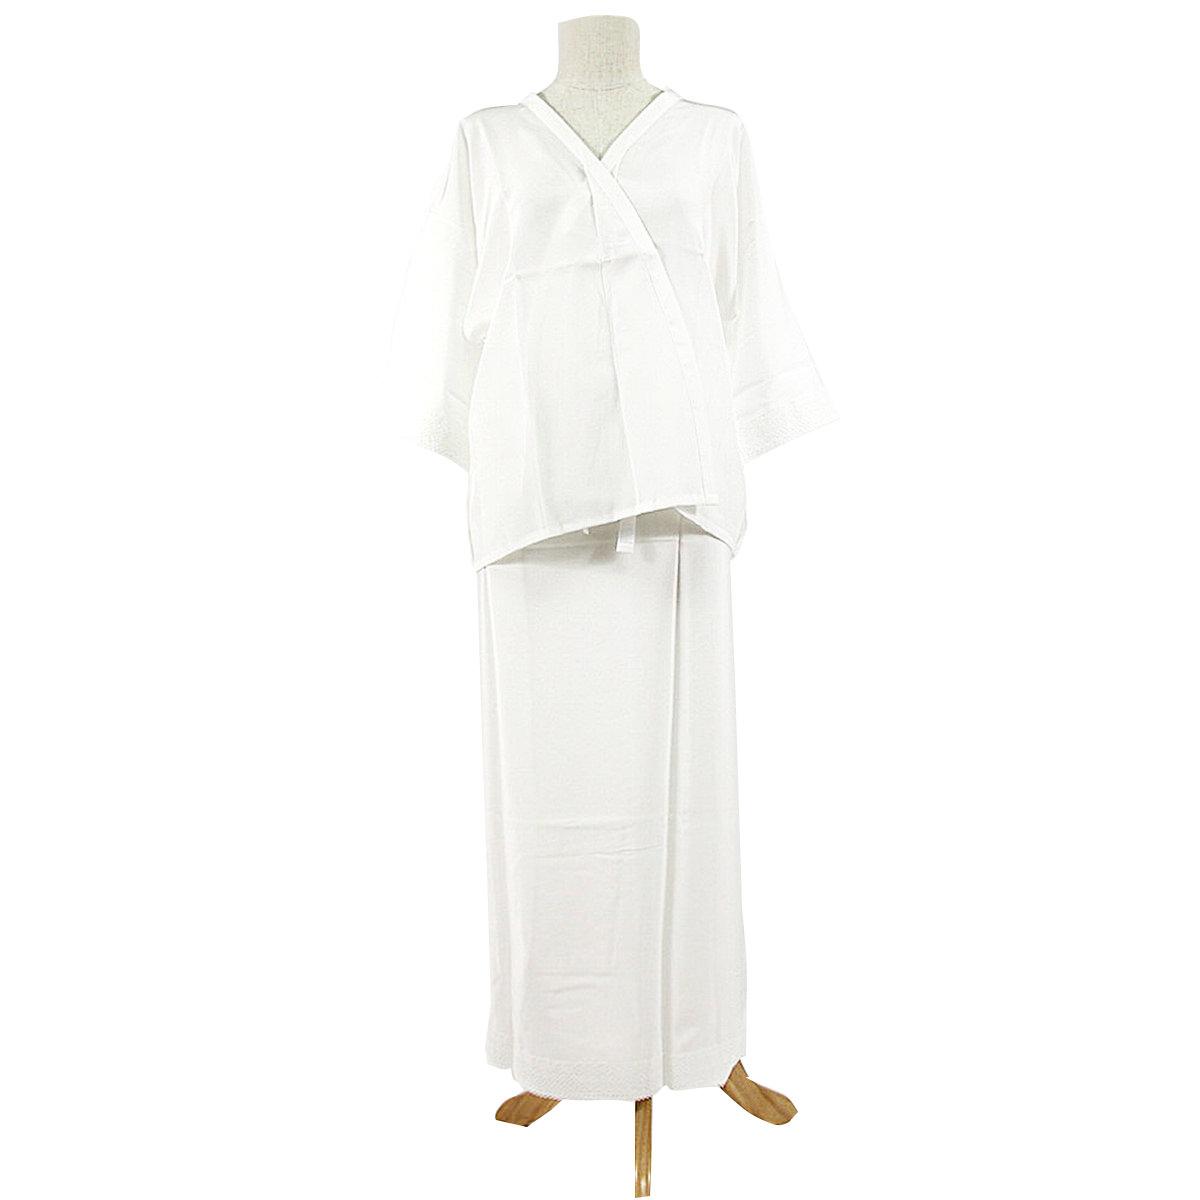 正絹 肌着 裾除け 2点セット M Lサイズ 白 絹ばら グンゼ 絹100% ウォッシャブルシルク 洗える正絹 着物肌着 和装下着 肌襦袢 腰巻き 着付け 着物 長襦袢 レディース 婦人 ブランド kim メール便不可